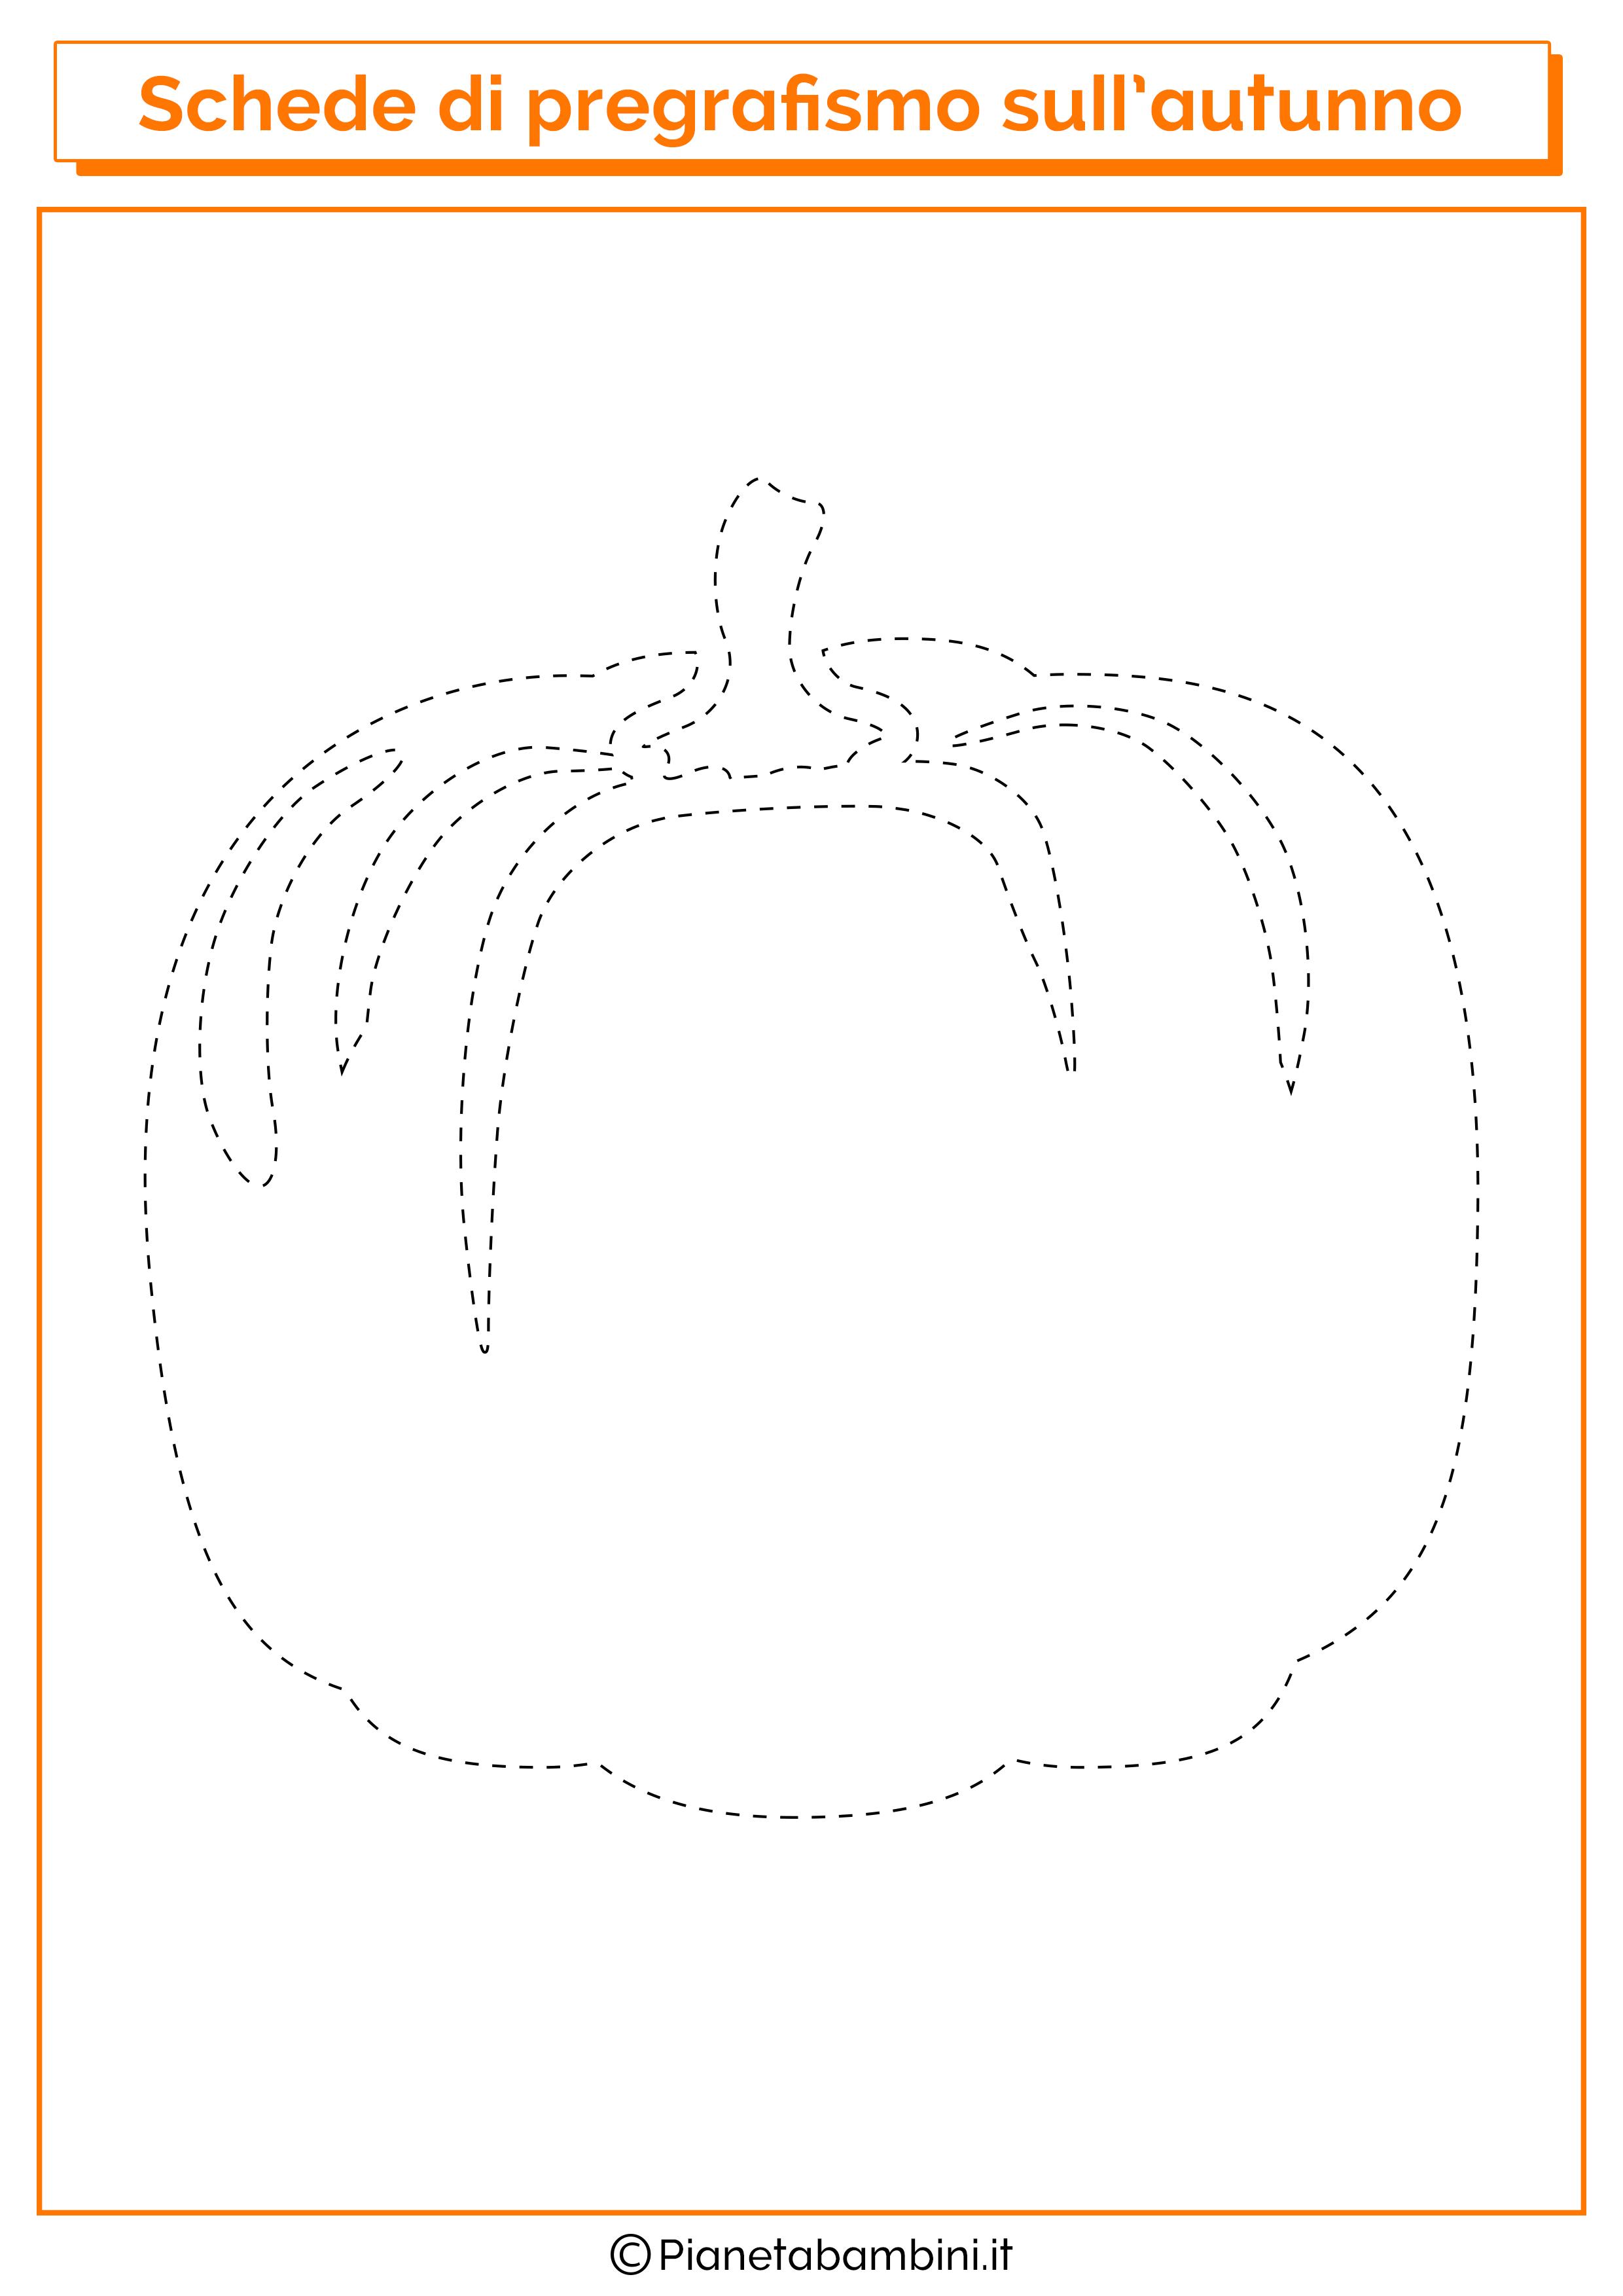 Pregafismo-Autunno-Zucca